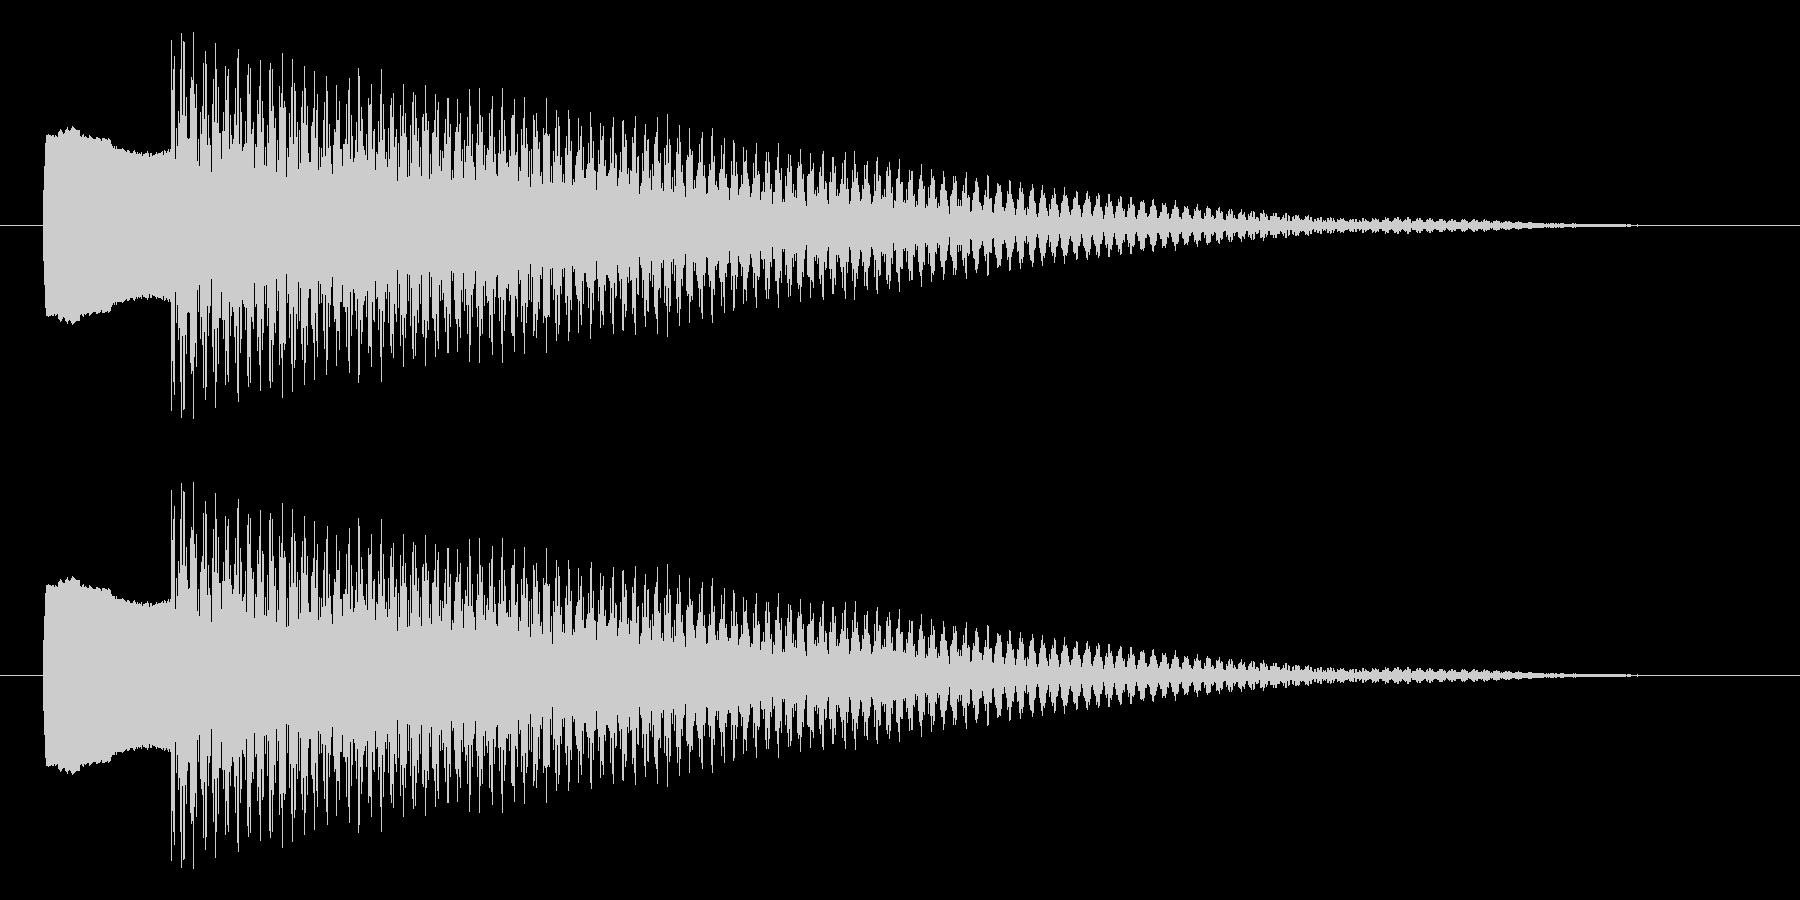 チリーン ピキーン 選択 決定 セレクトの未再生の波形